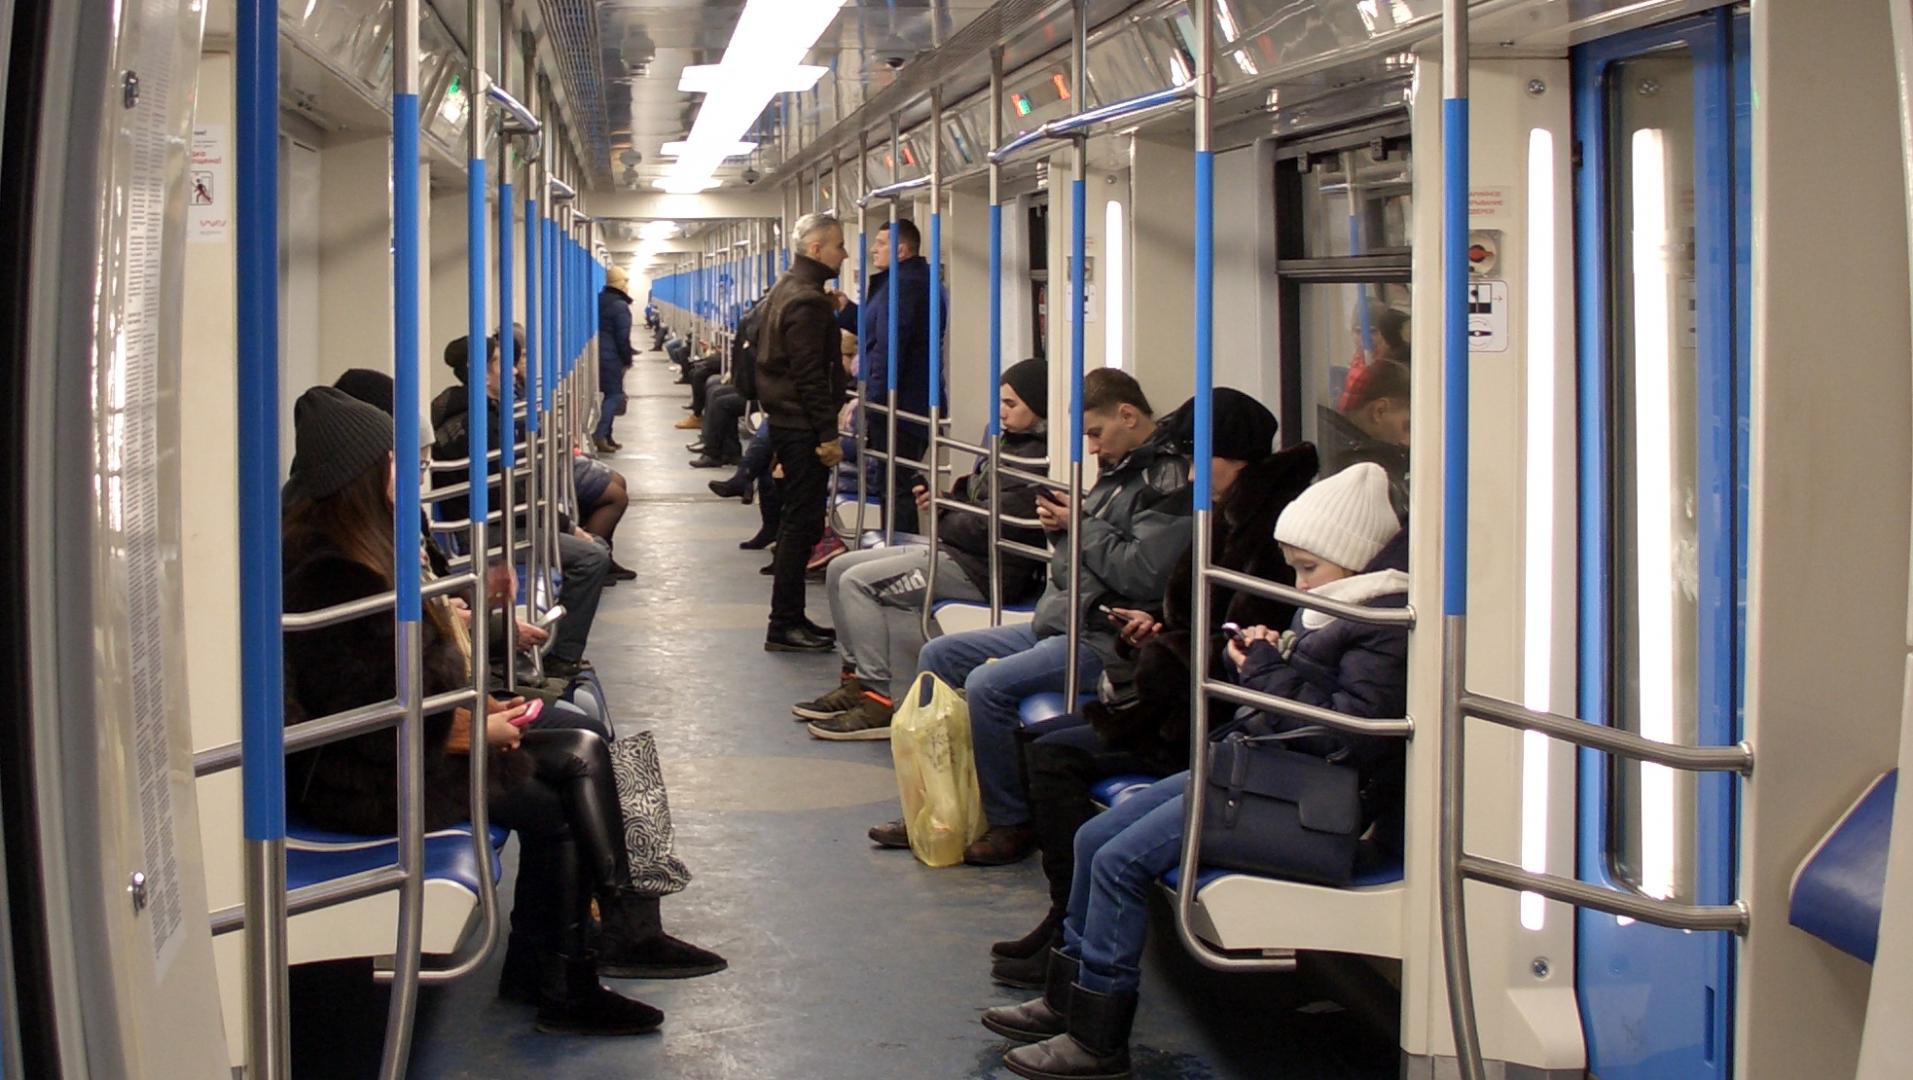 Сквозной состав в метро. Москва